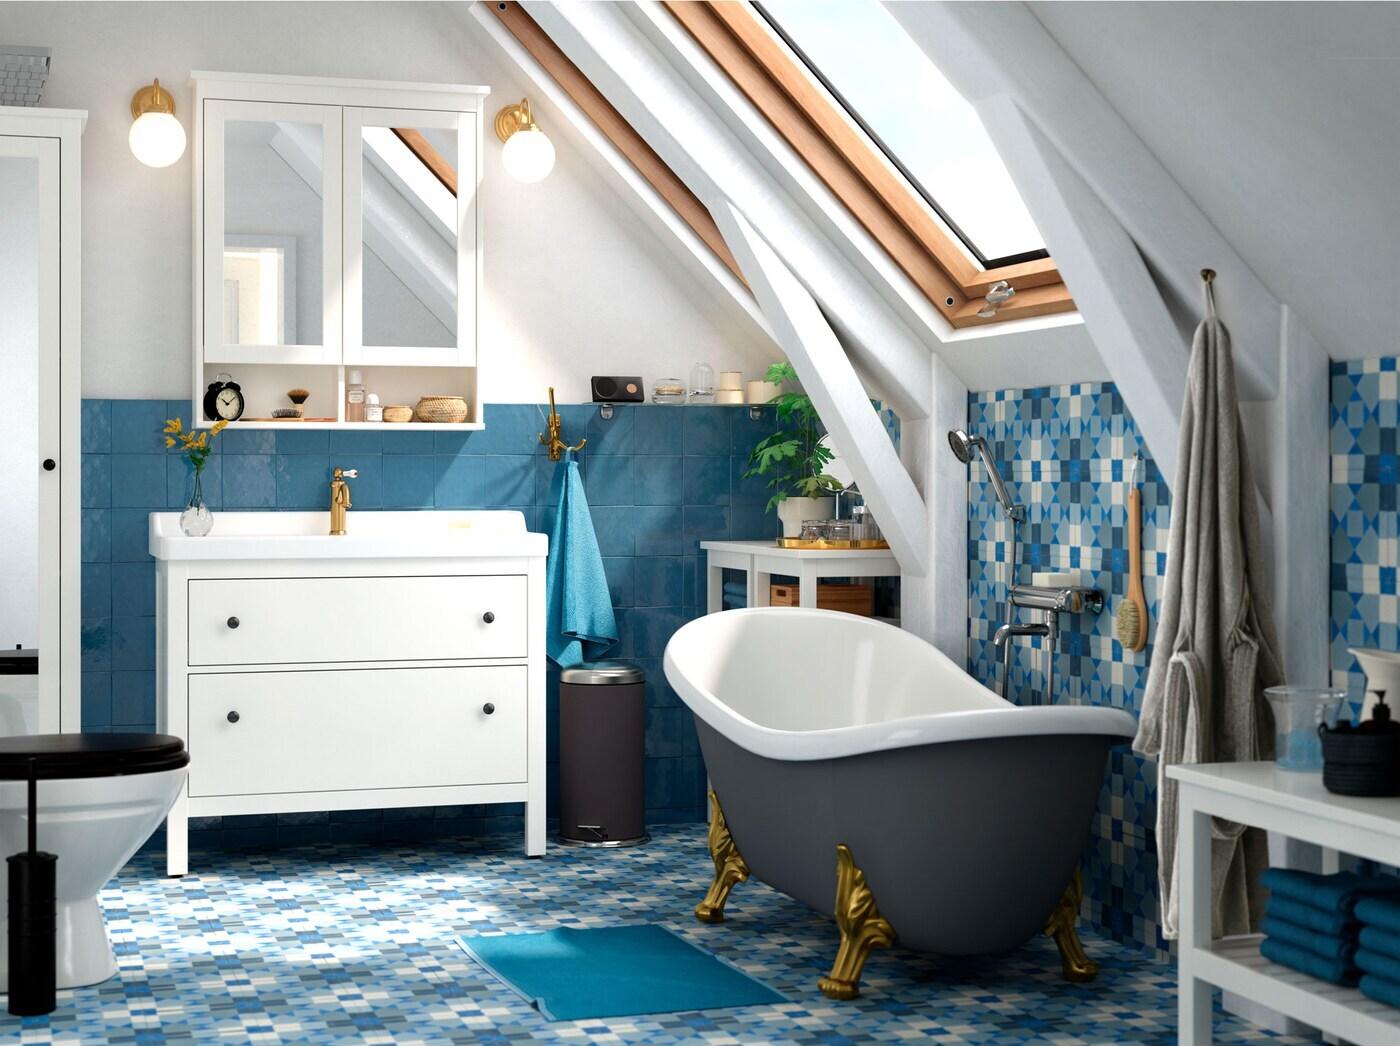 Bad mit blauen Fliesen, weißen Badmöbeln, grauer Wellness-Badewanne & blauem Teppich.